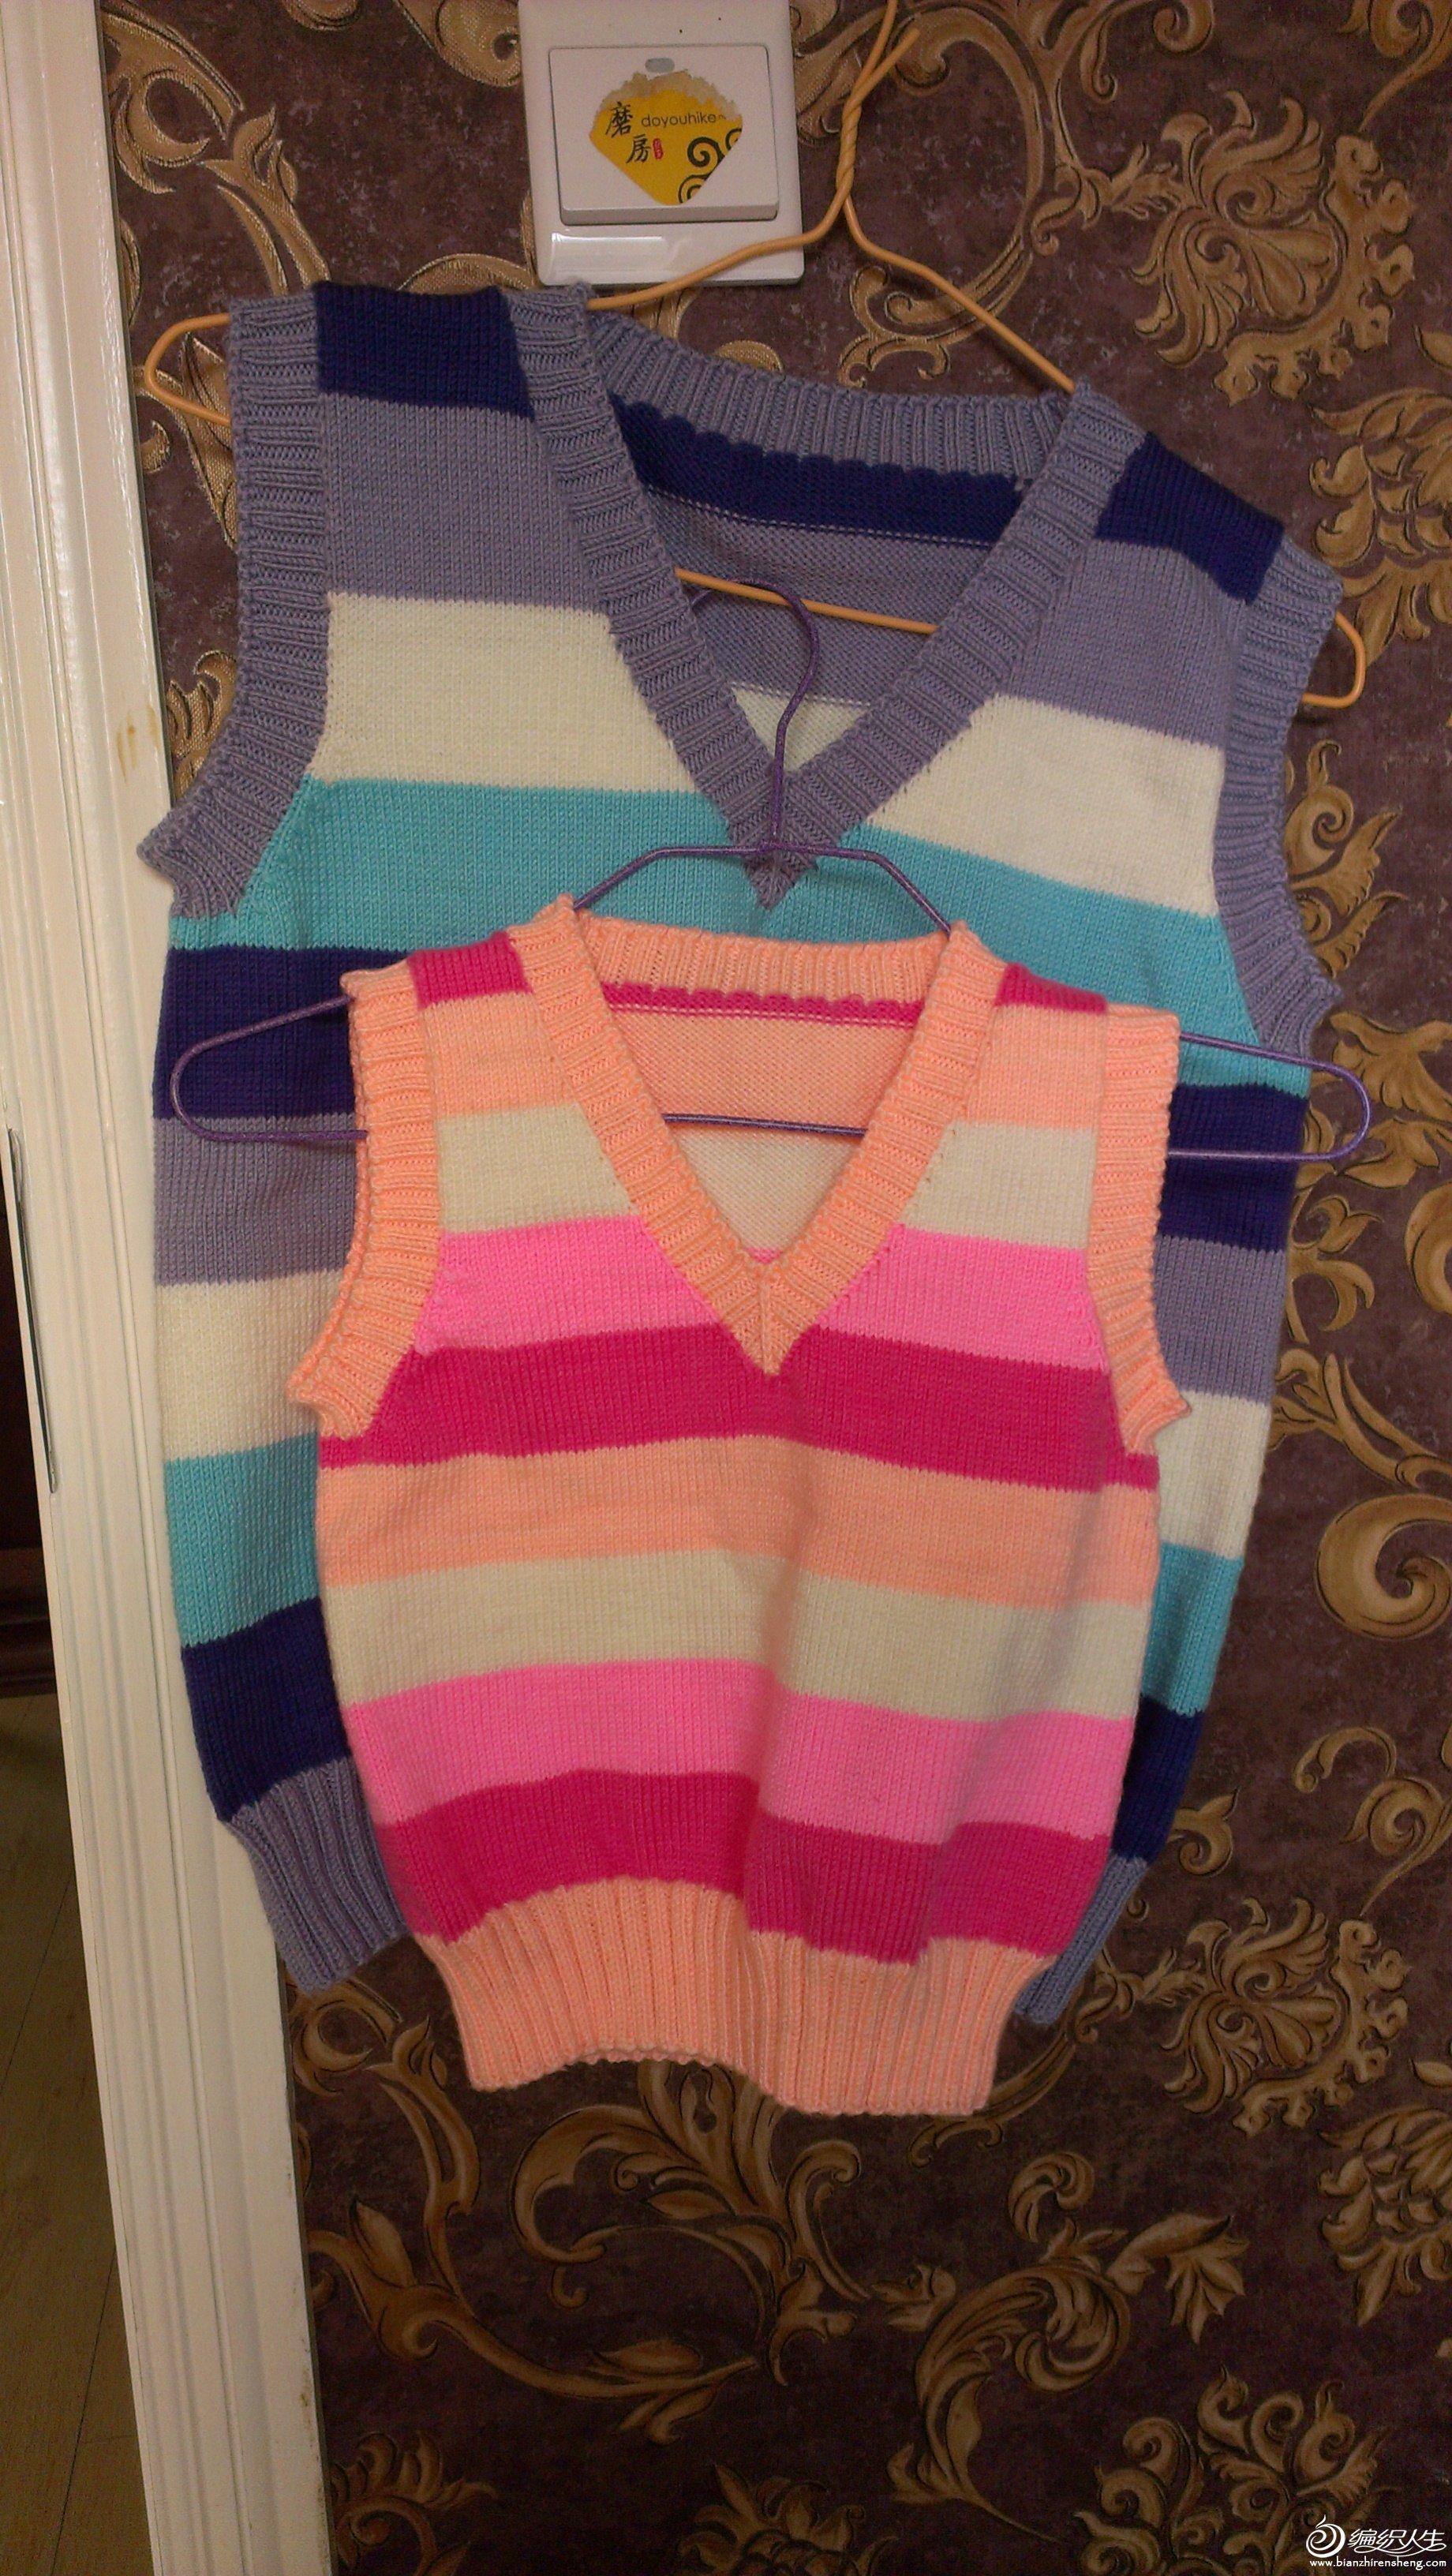 儿童背心    前几天天凉快下来了,买了点线给侄儿和侄女织了件小背心